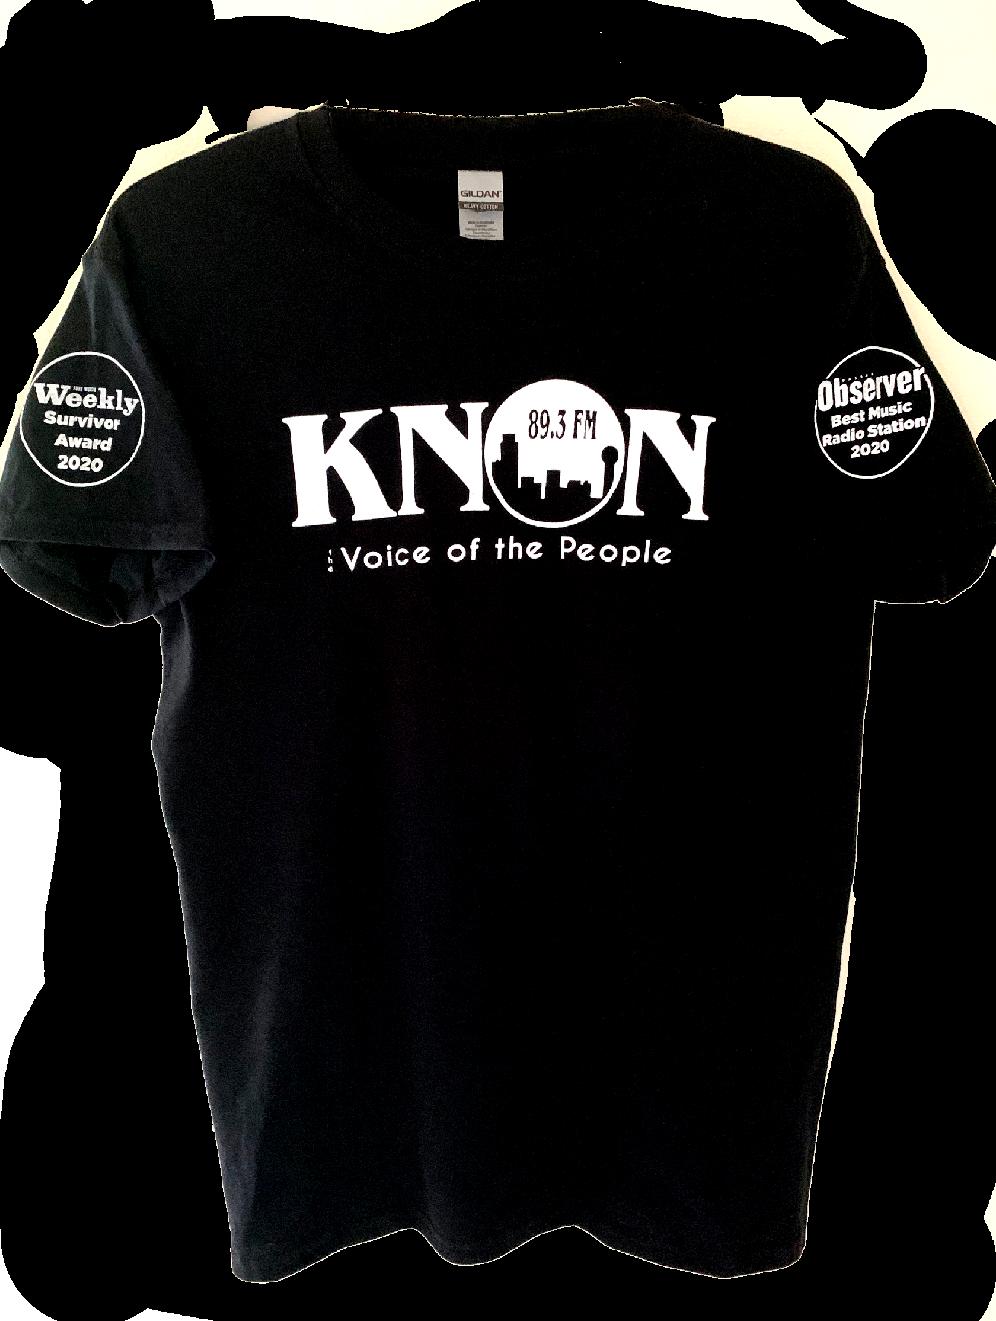 2020 KNON Award T-shirt